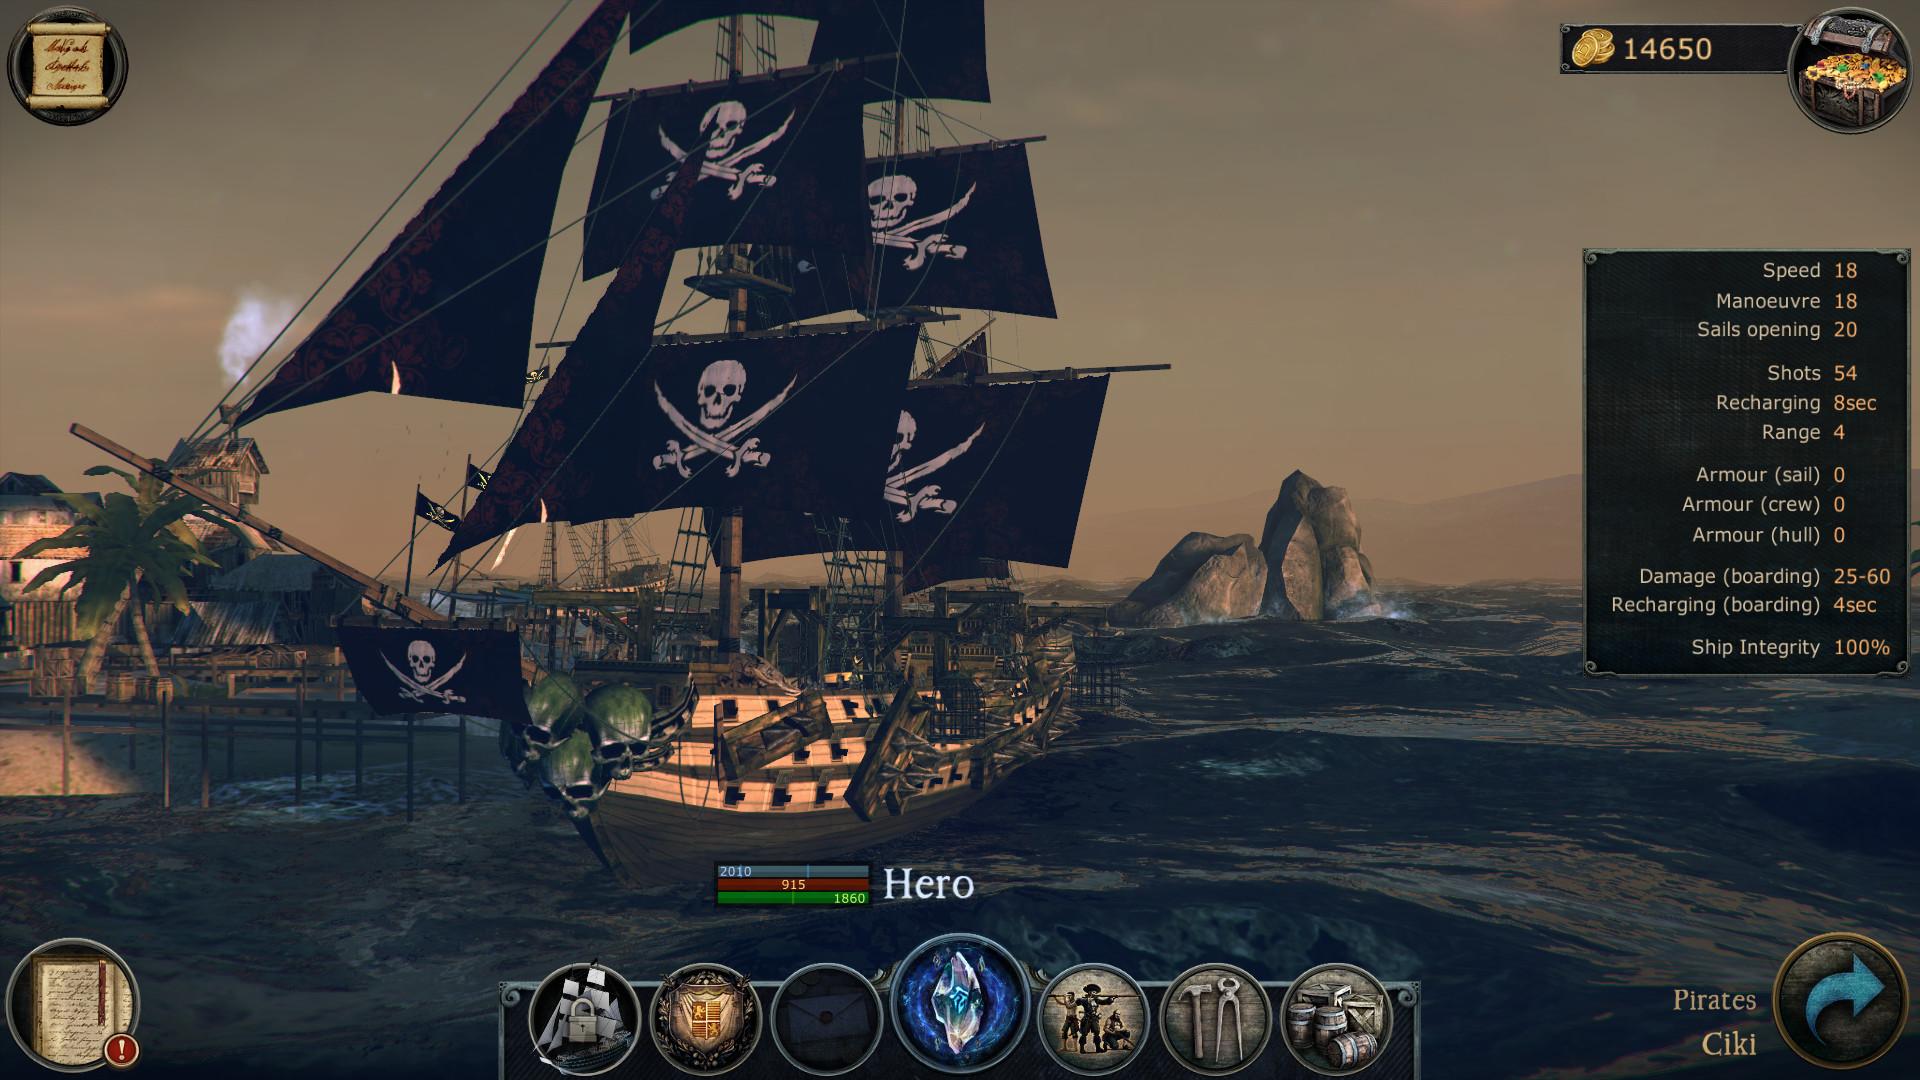 Ролевая игра пиратов на пк скачать онлайн игру воронины